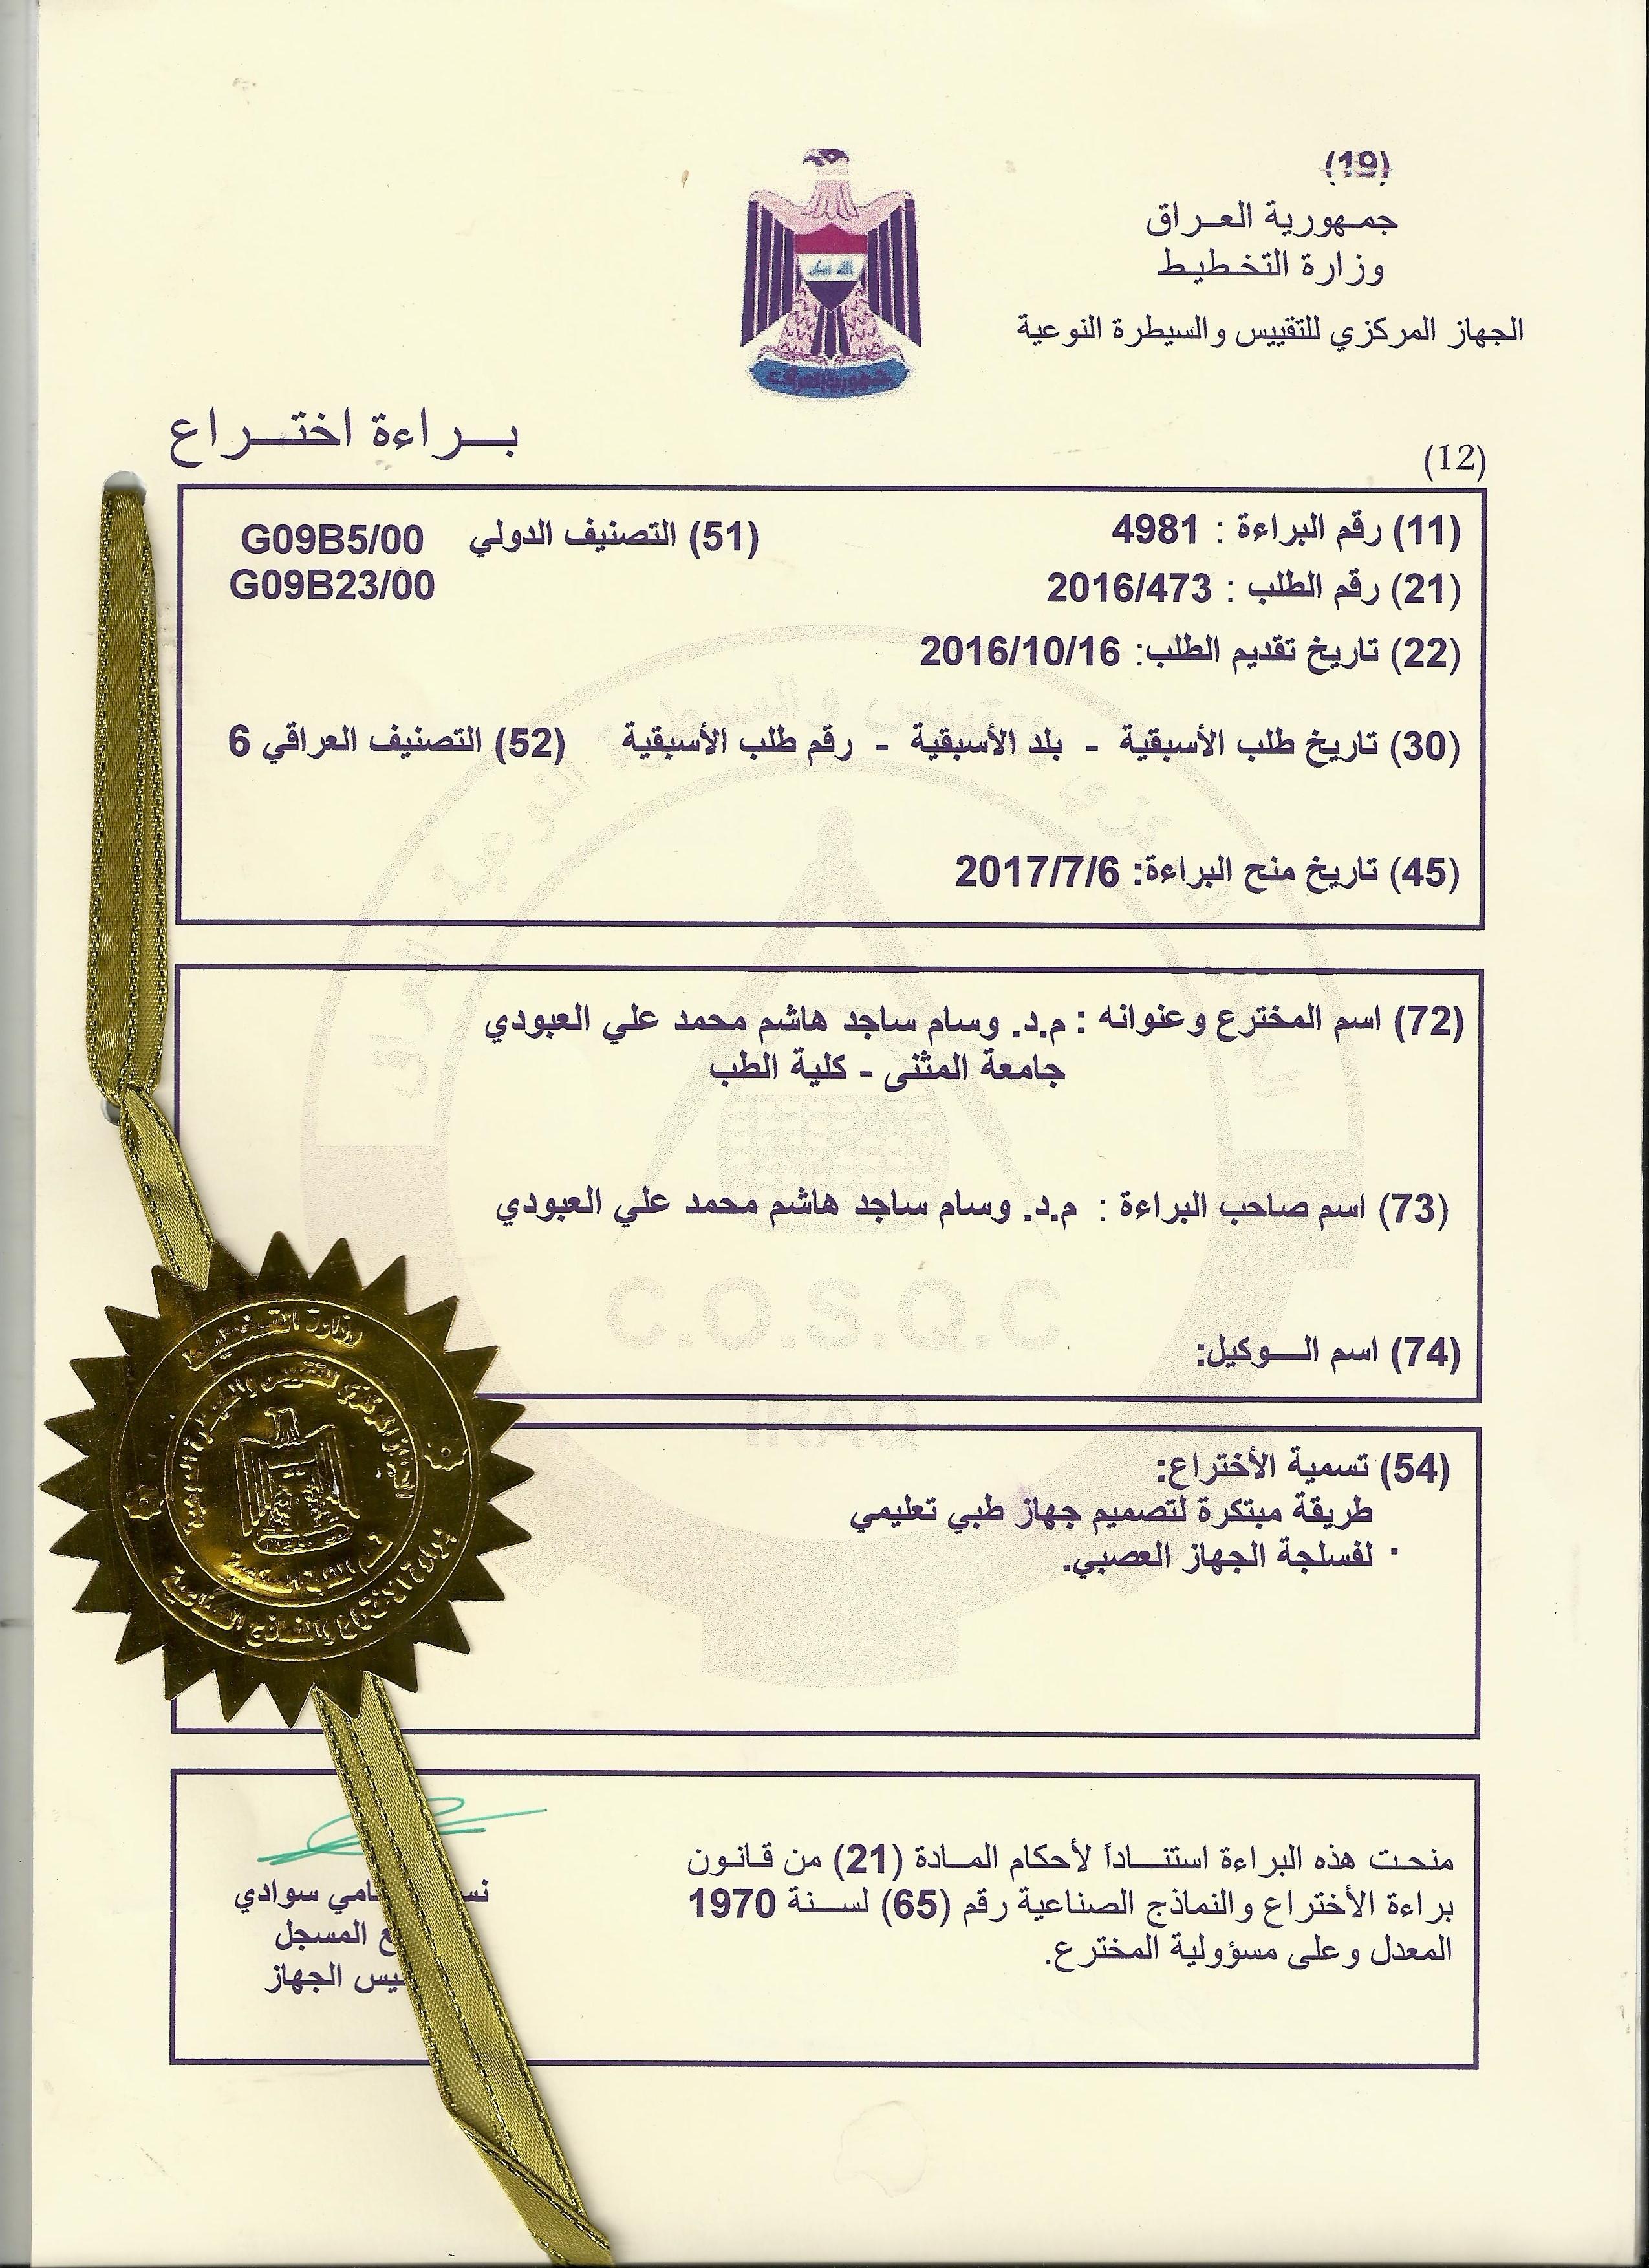 تهنئة الدكتور وسام ساجد هاشم  العبودي بمناسبة حصوله على براءة إختراع